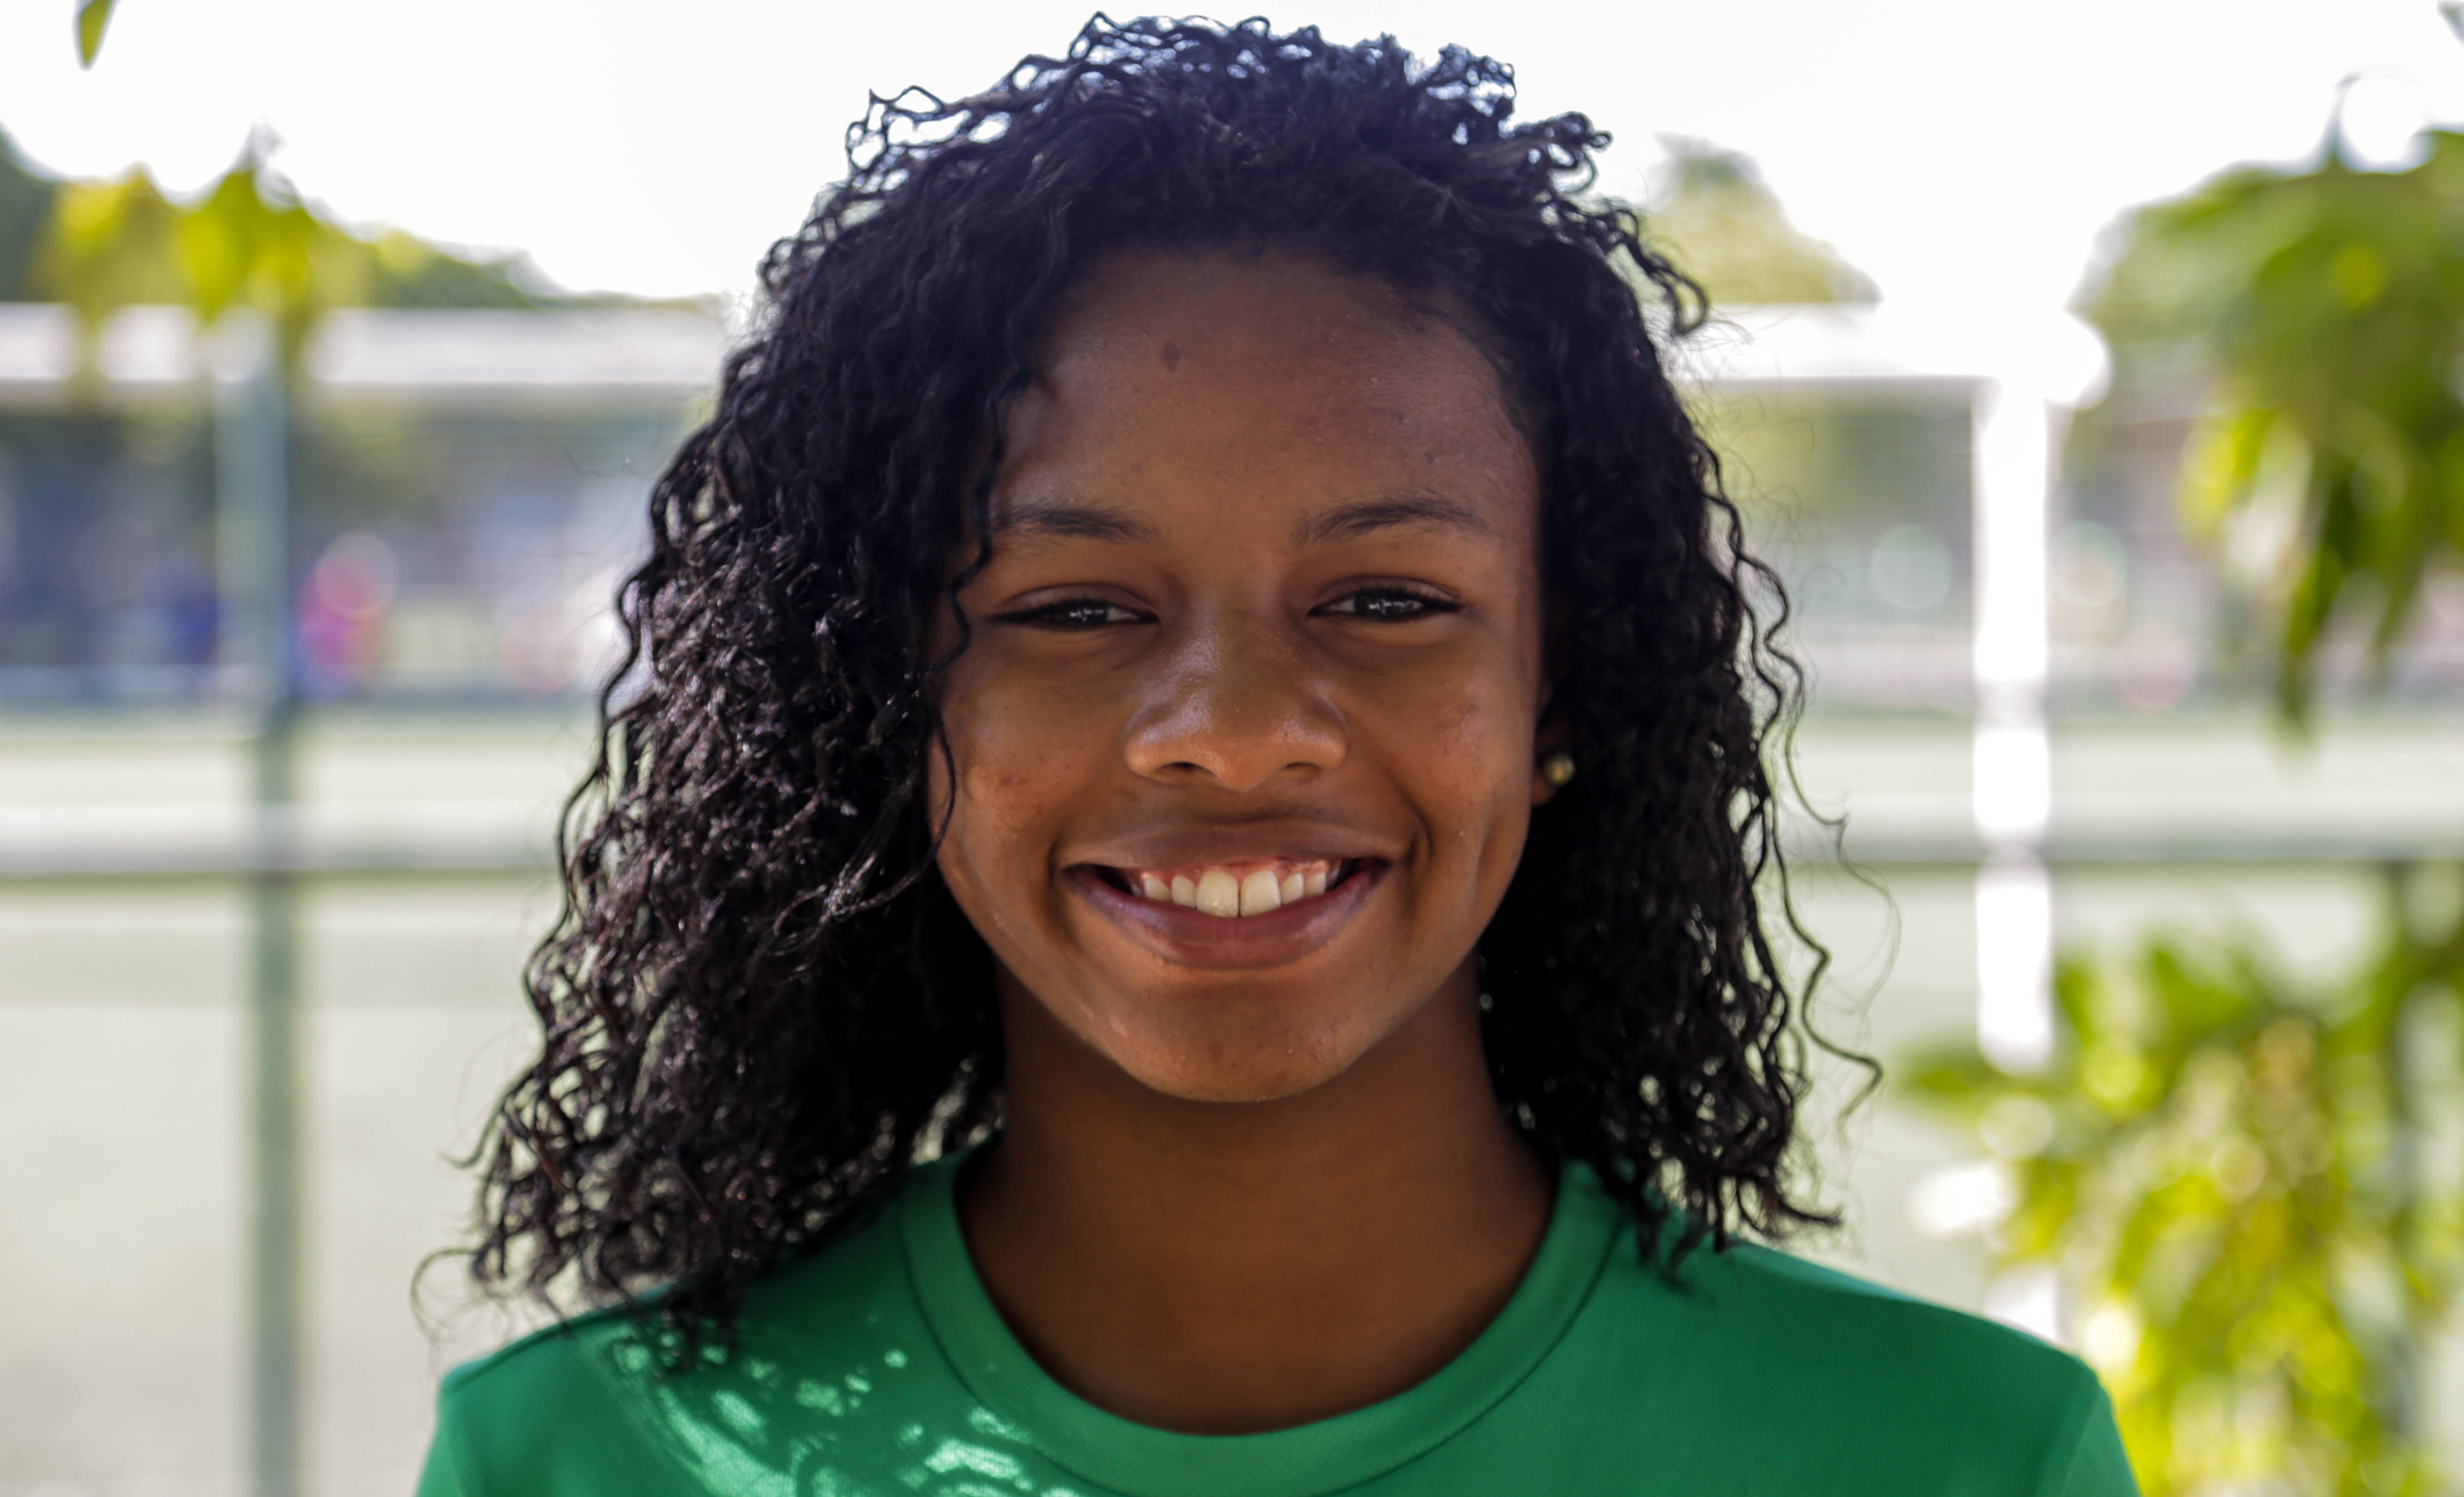 Jéssica Pinheiro do Vale, jogadora da seleção brasileira na Street Child World Cup 2018.